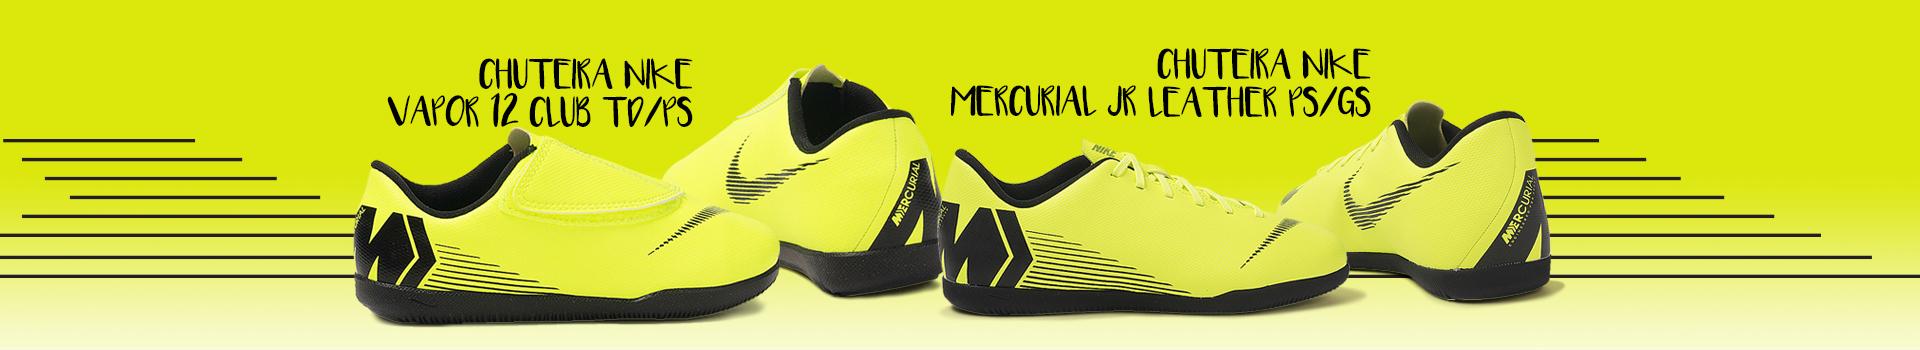 tvdesk_p1-09_11_18-Chuteira_Nike